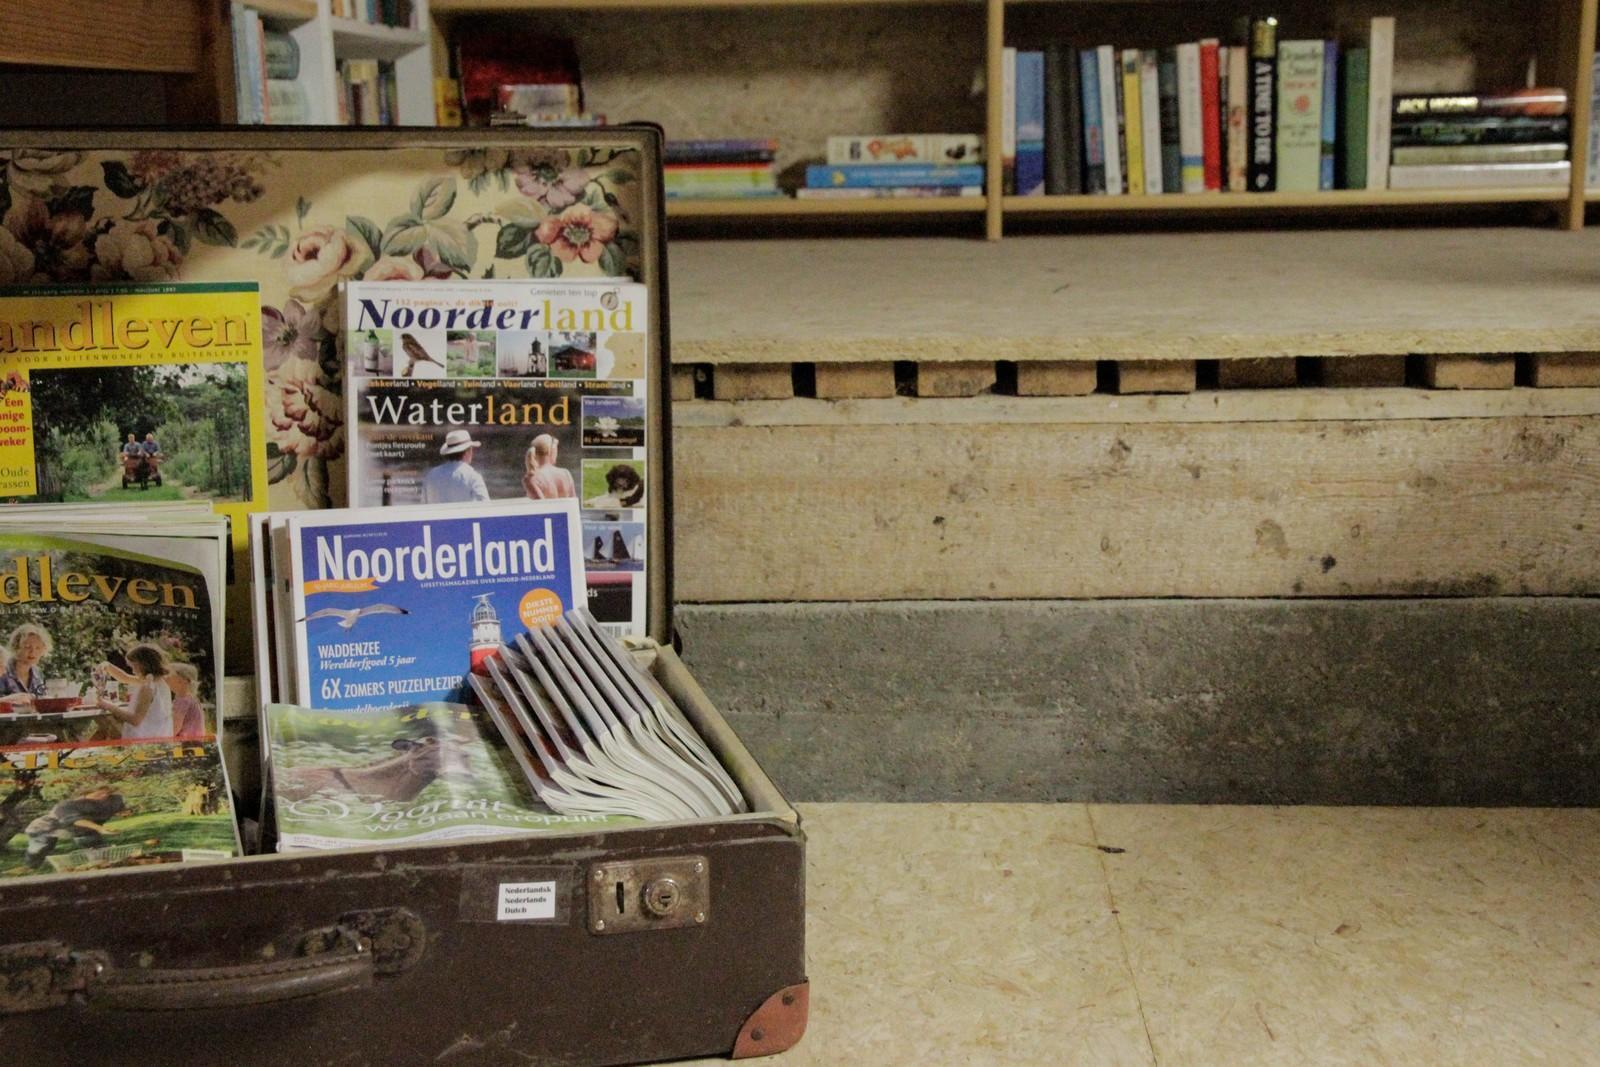 I det internasjonale hjørnet har ein reisekoffert med innhald frå Nederland fått plass.